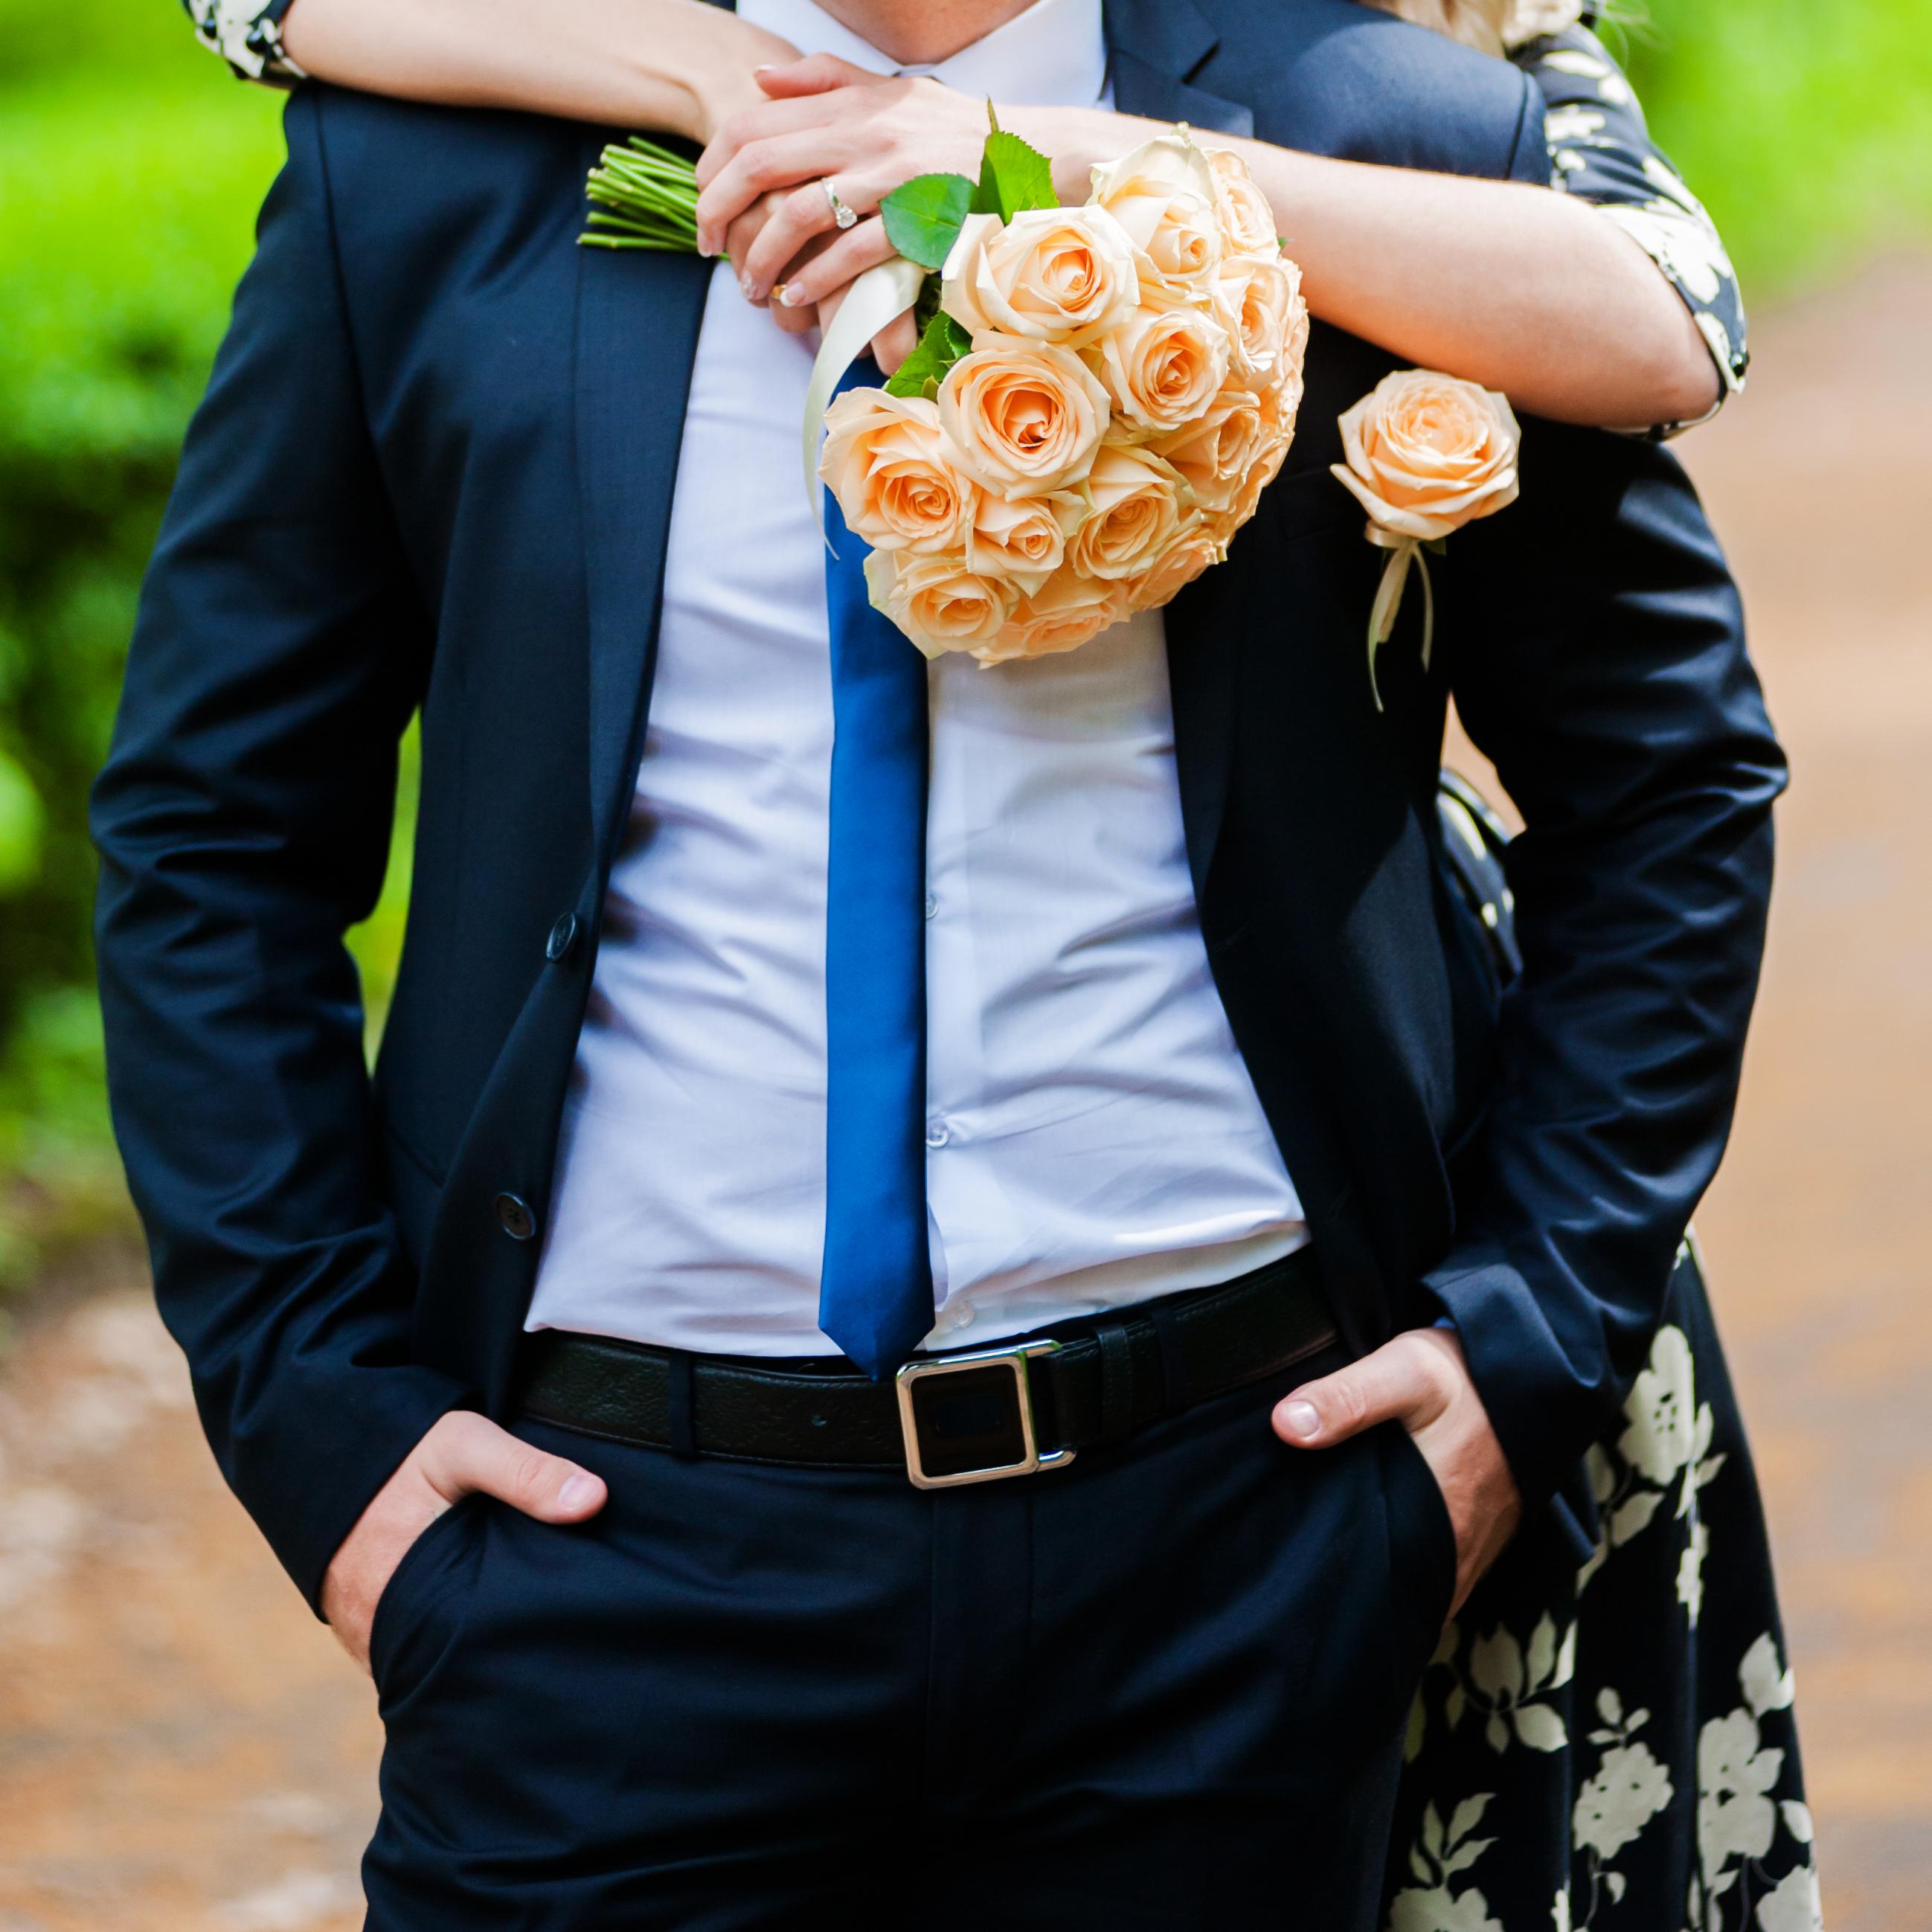 Svatba Venku 8 Tipu Jak Se Na Ni Pripravit Gentlemansblog Cz